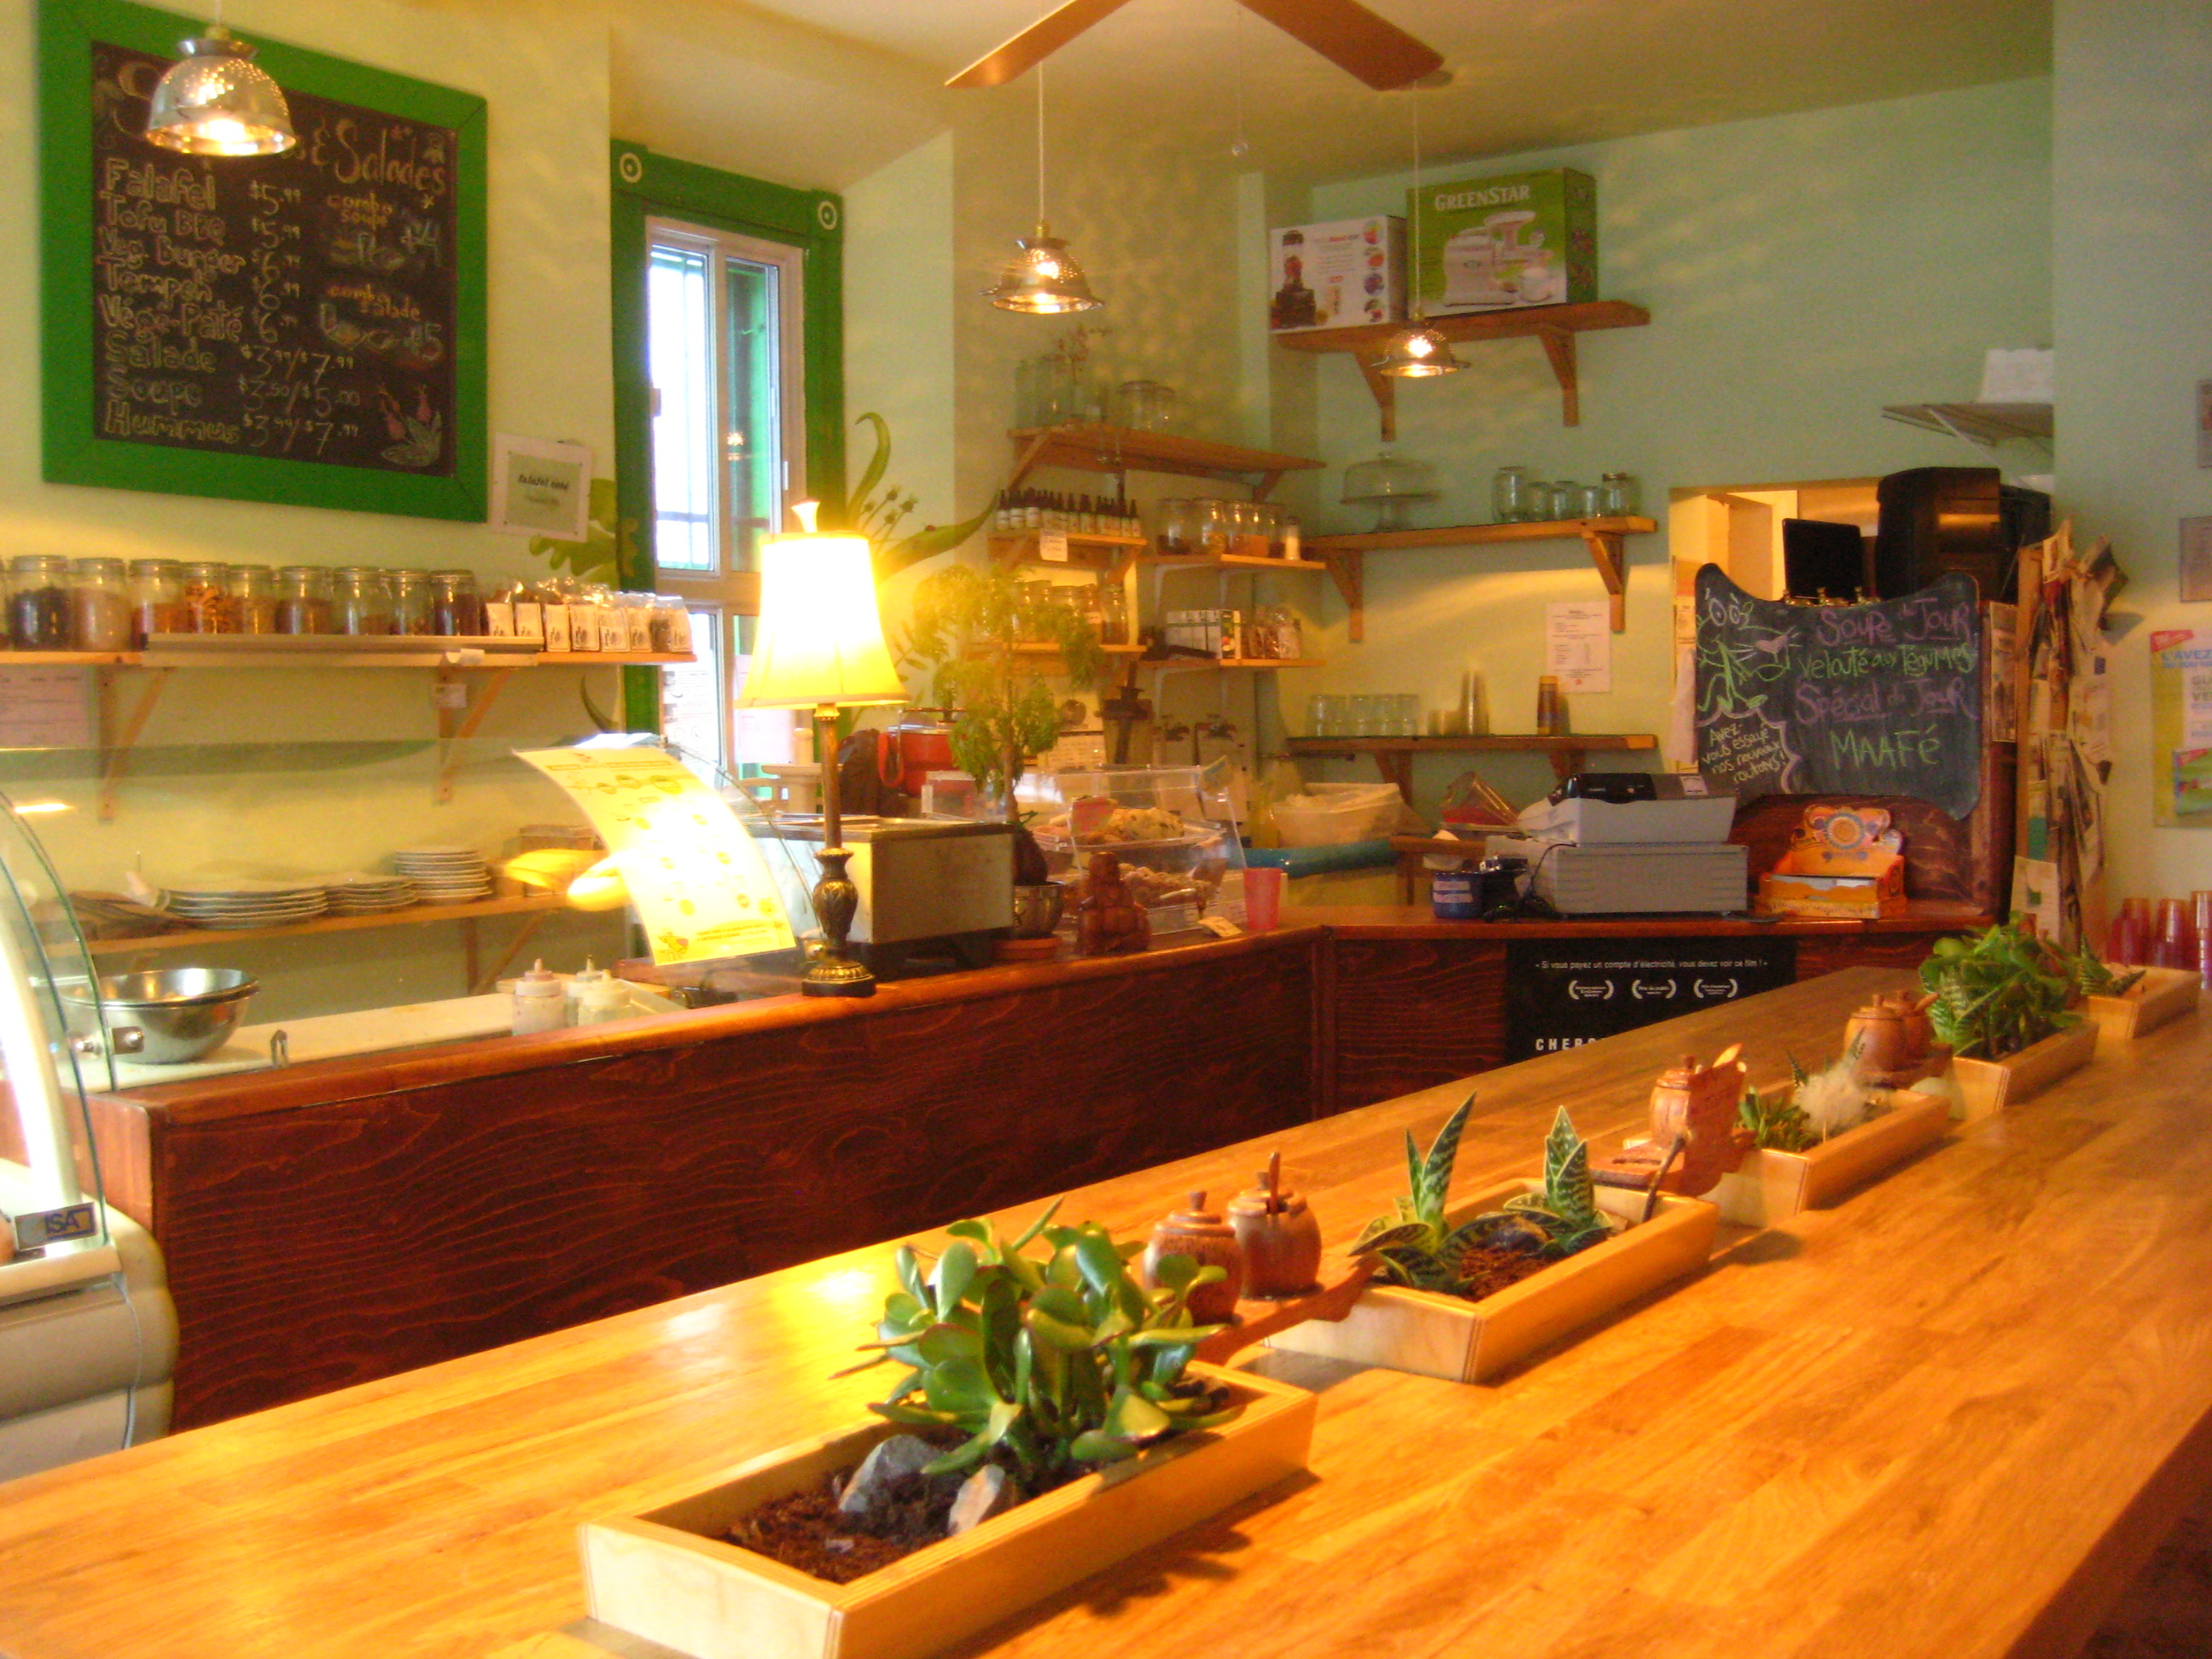 Restaurant Vegetalien Livraison Montreal